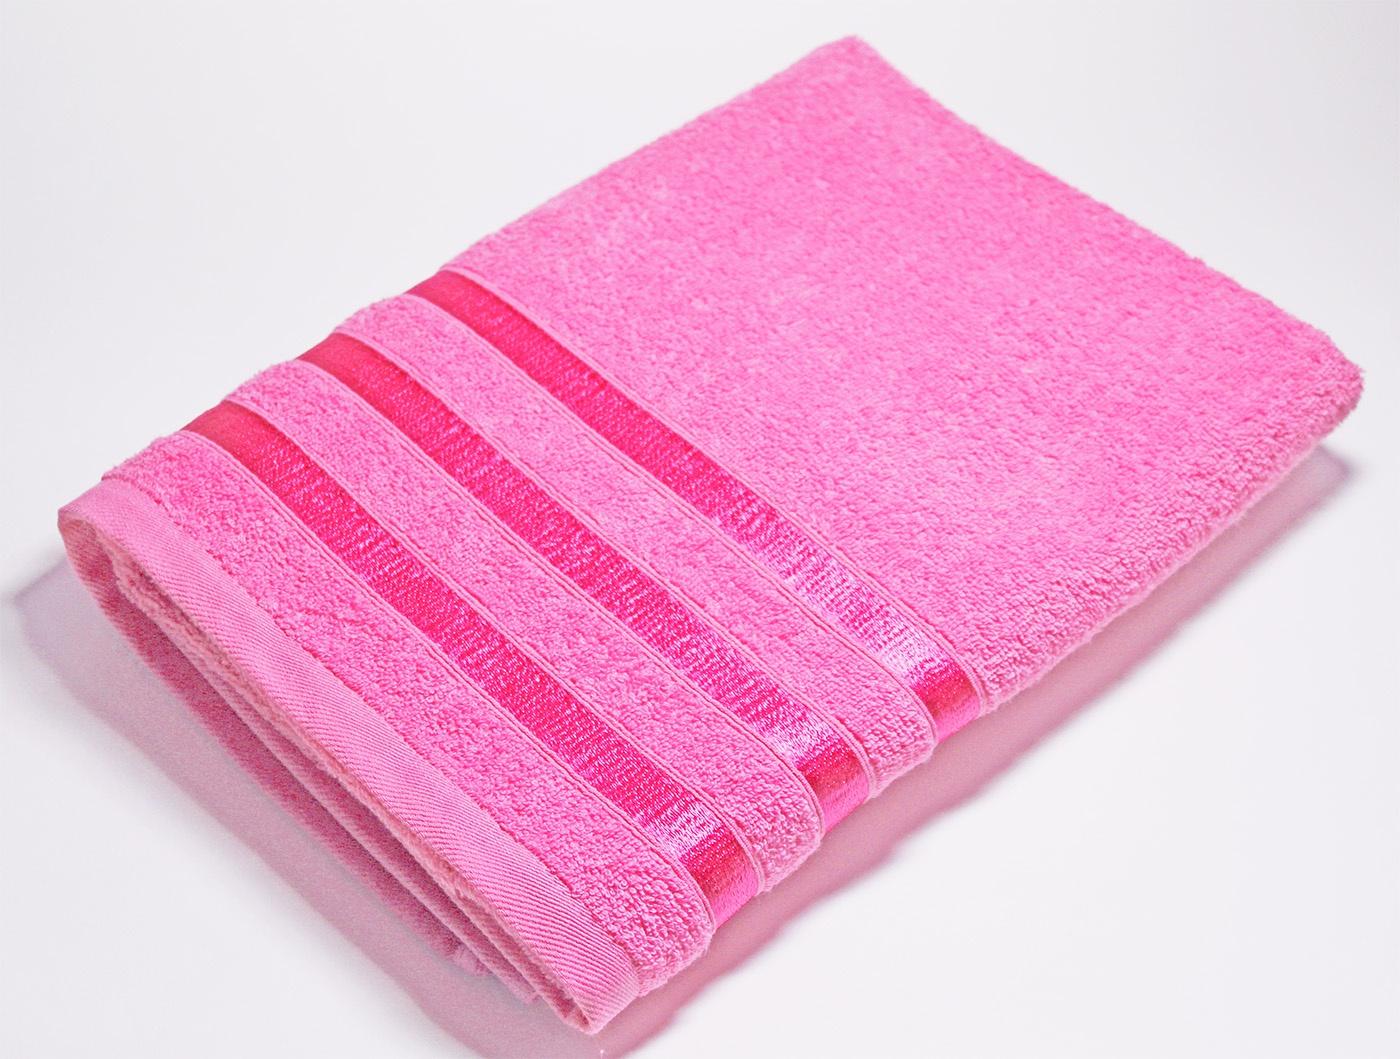 Полотенце махровое ОН и ОНА, ТРИНИТИ, 50x90 см, цвет - розовый